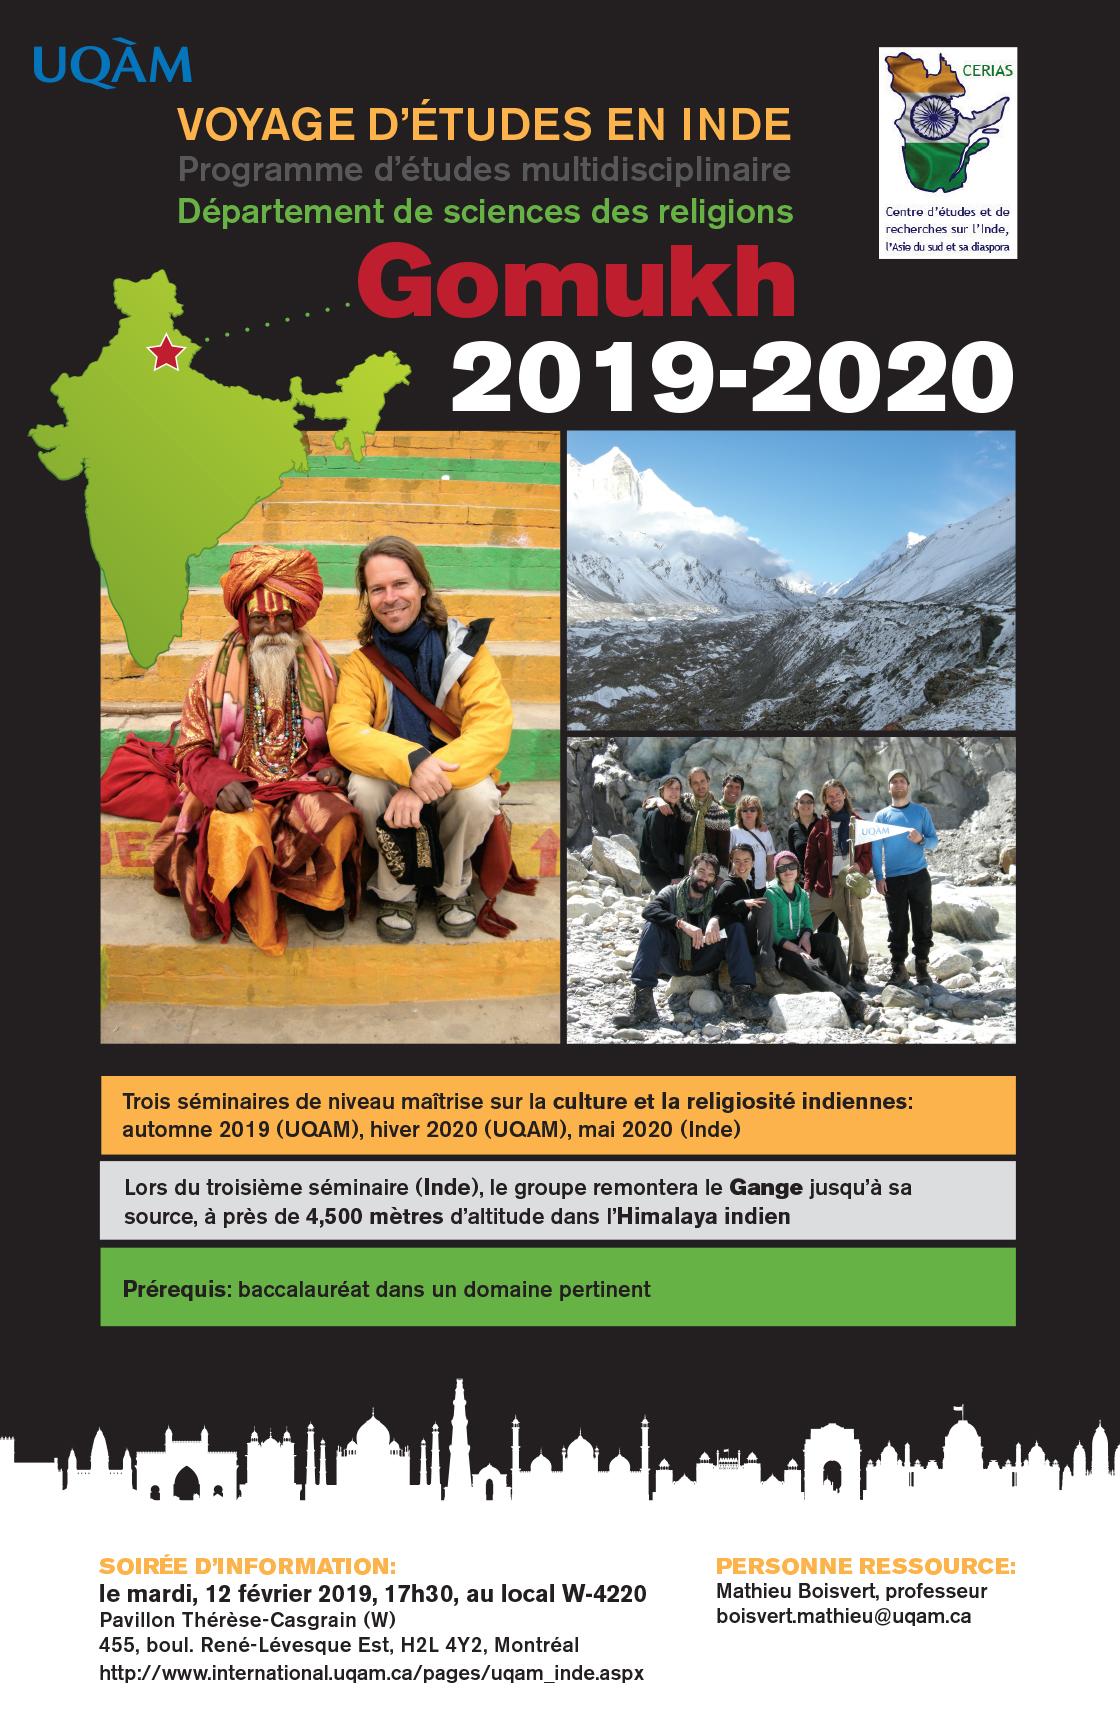 Programme Gomukh 2019-2020